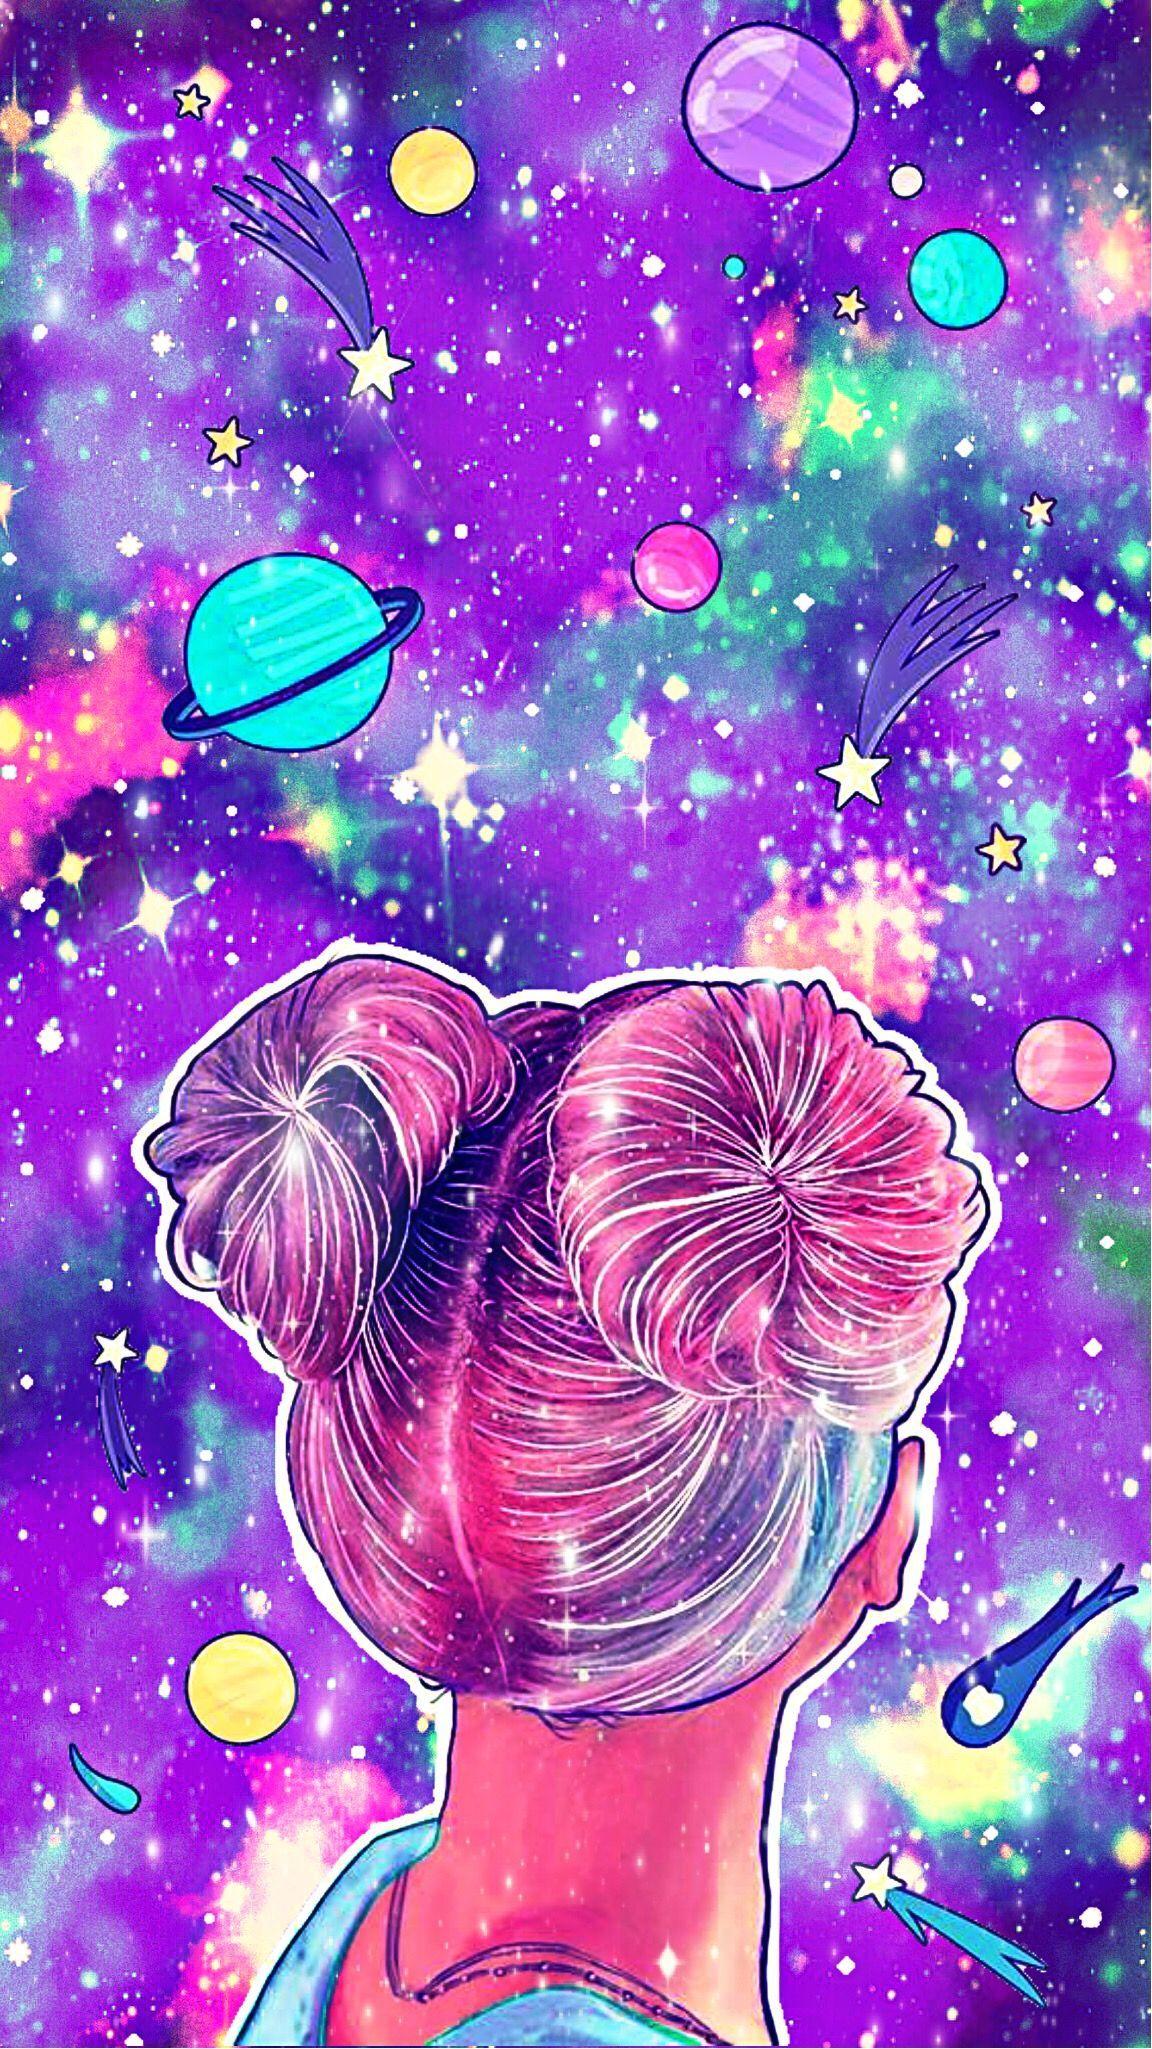 El Mejor Fondo De Pantalla Cute Galaxy Wallpaper Anime Wallpaper Cute Anime Wallpaper